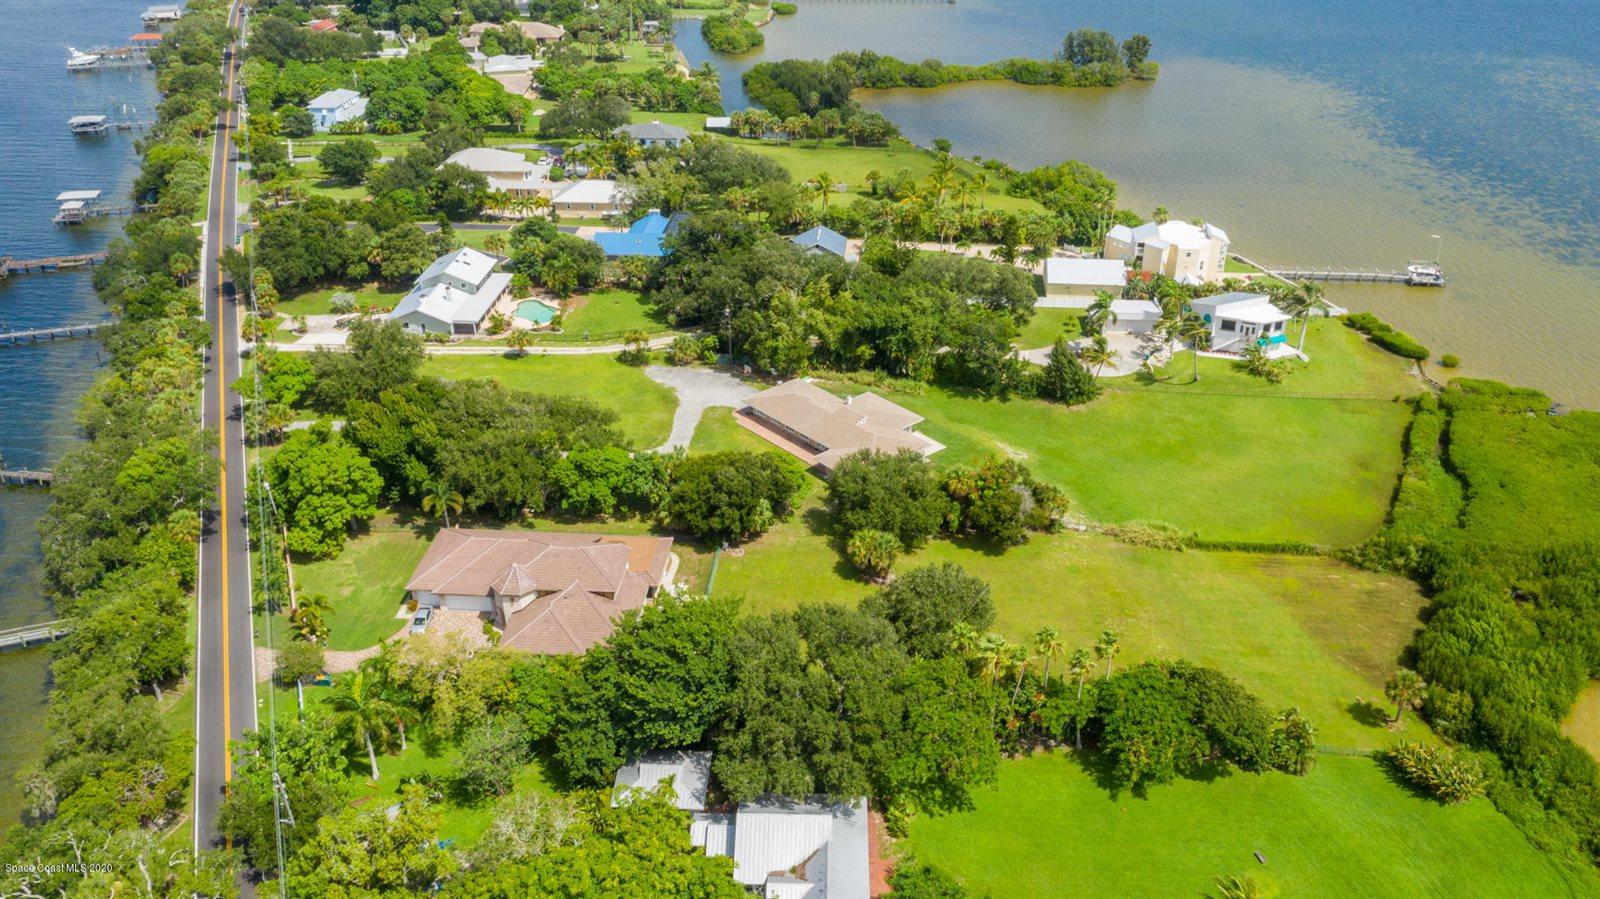 9140 South Tropical Trail, Merritt Island, FL 32952